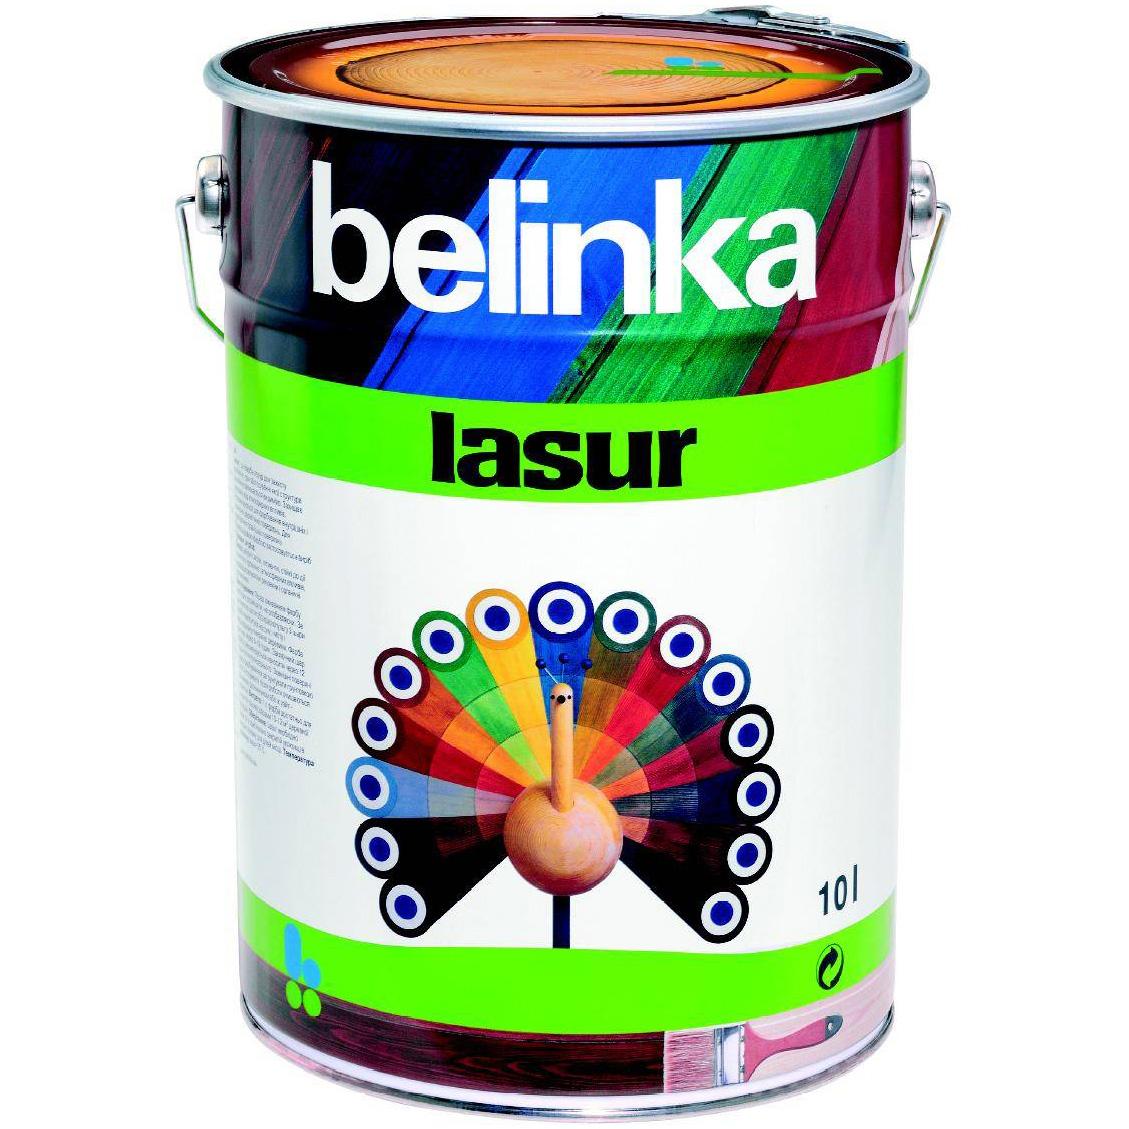 Belinka Lasur №11, 10 л, Пропитка деревозащитная